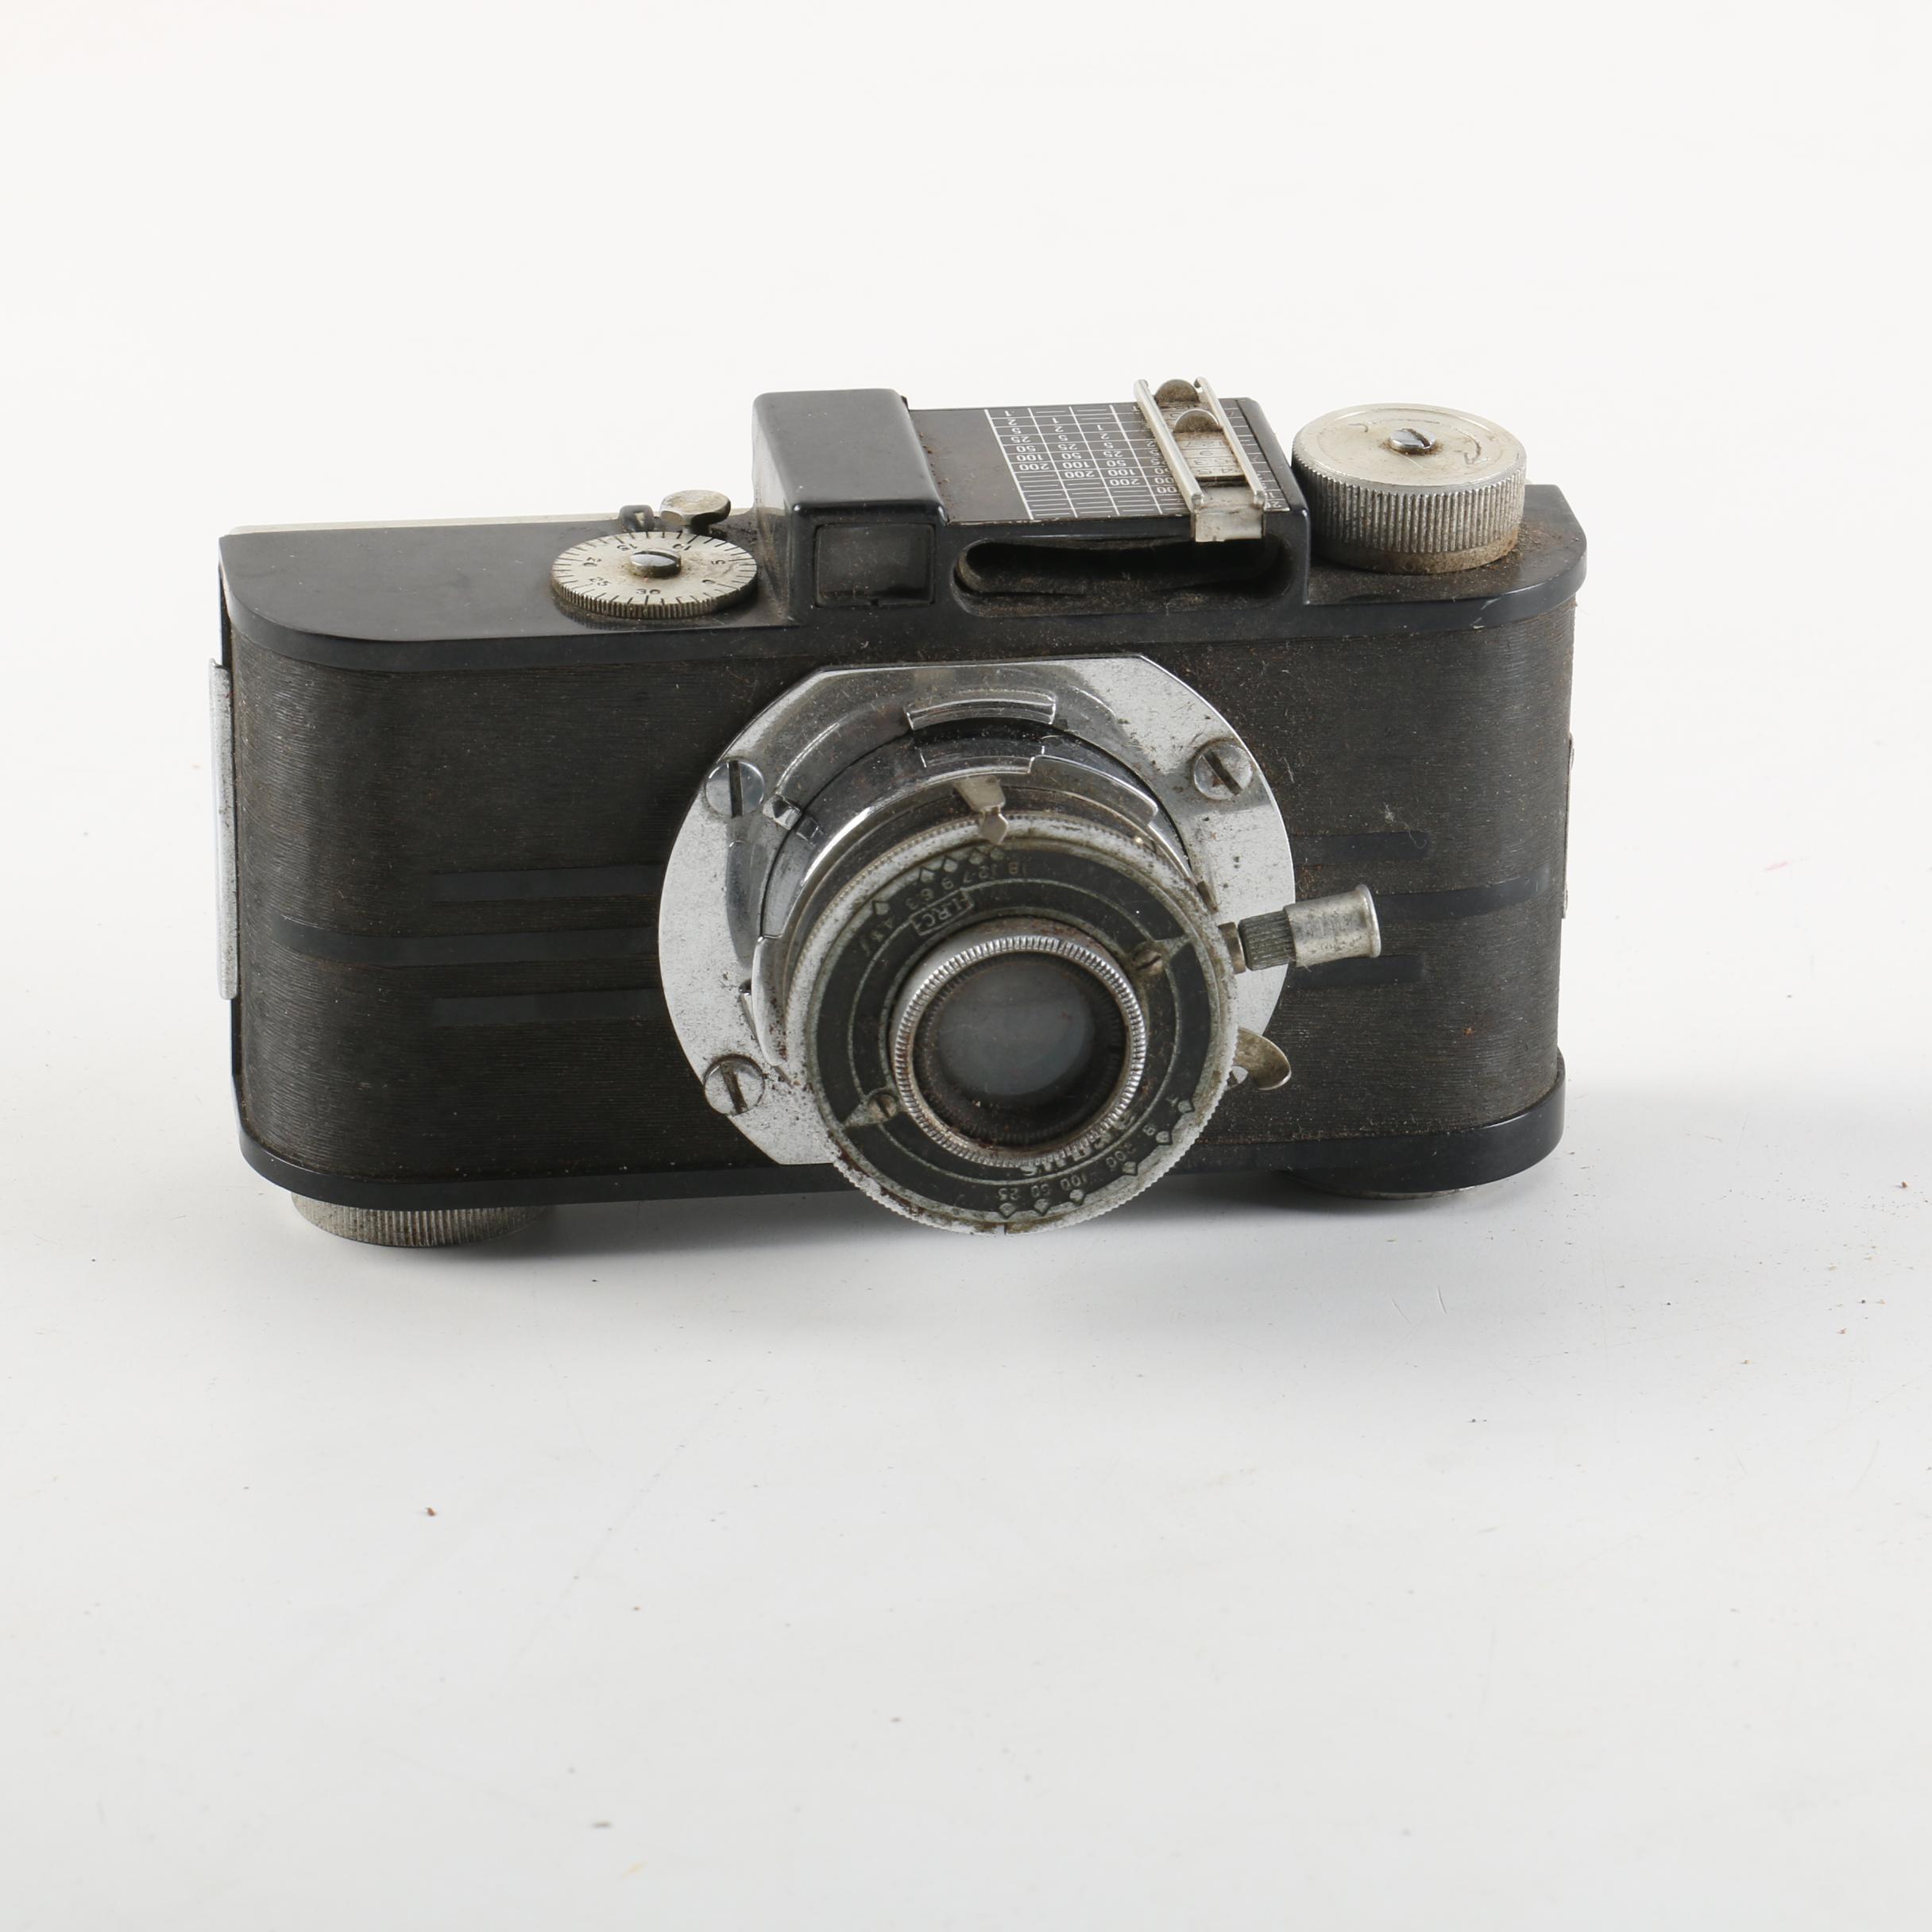 Vintage Argus I.R.C. Still Camera